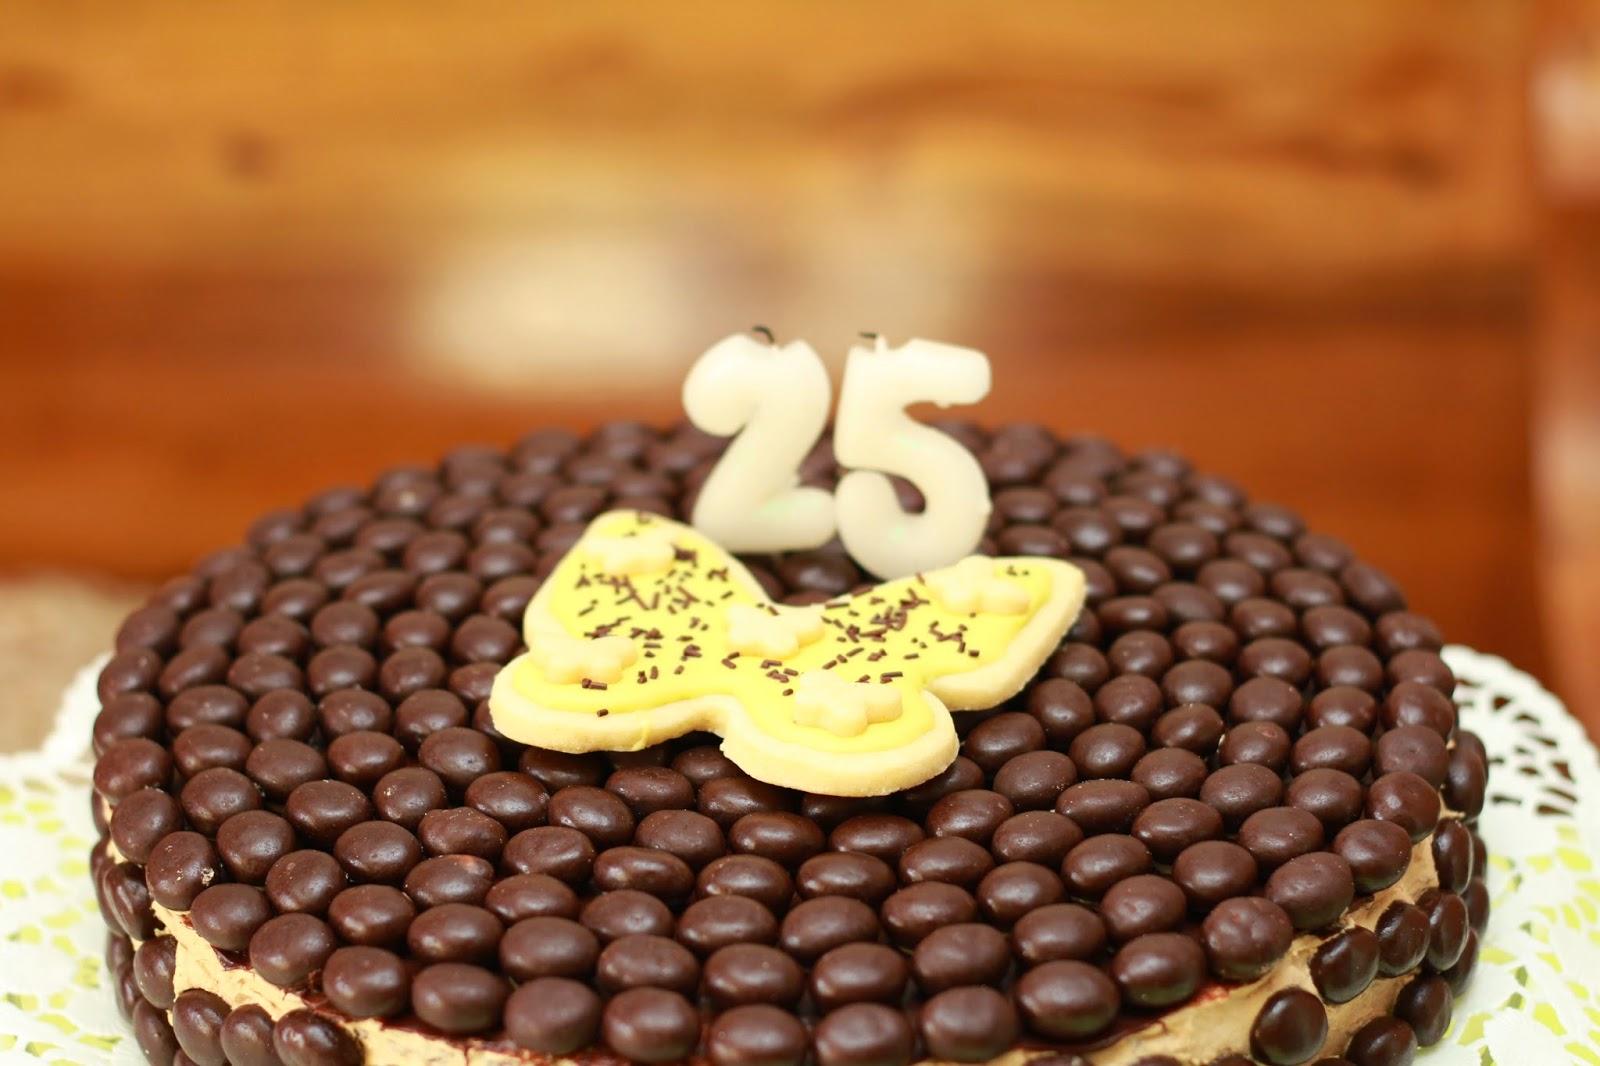 25 éves szülinapi köszöntő Ilcsi konyha: Kávékrémes torta Szülinapra 25 éves szülinapi köszöntő